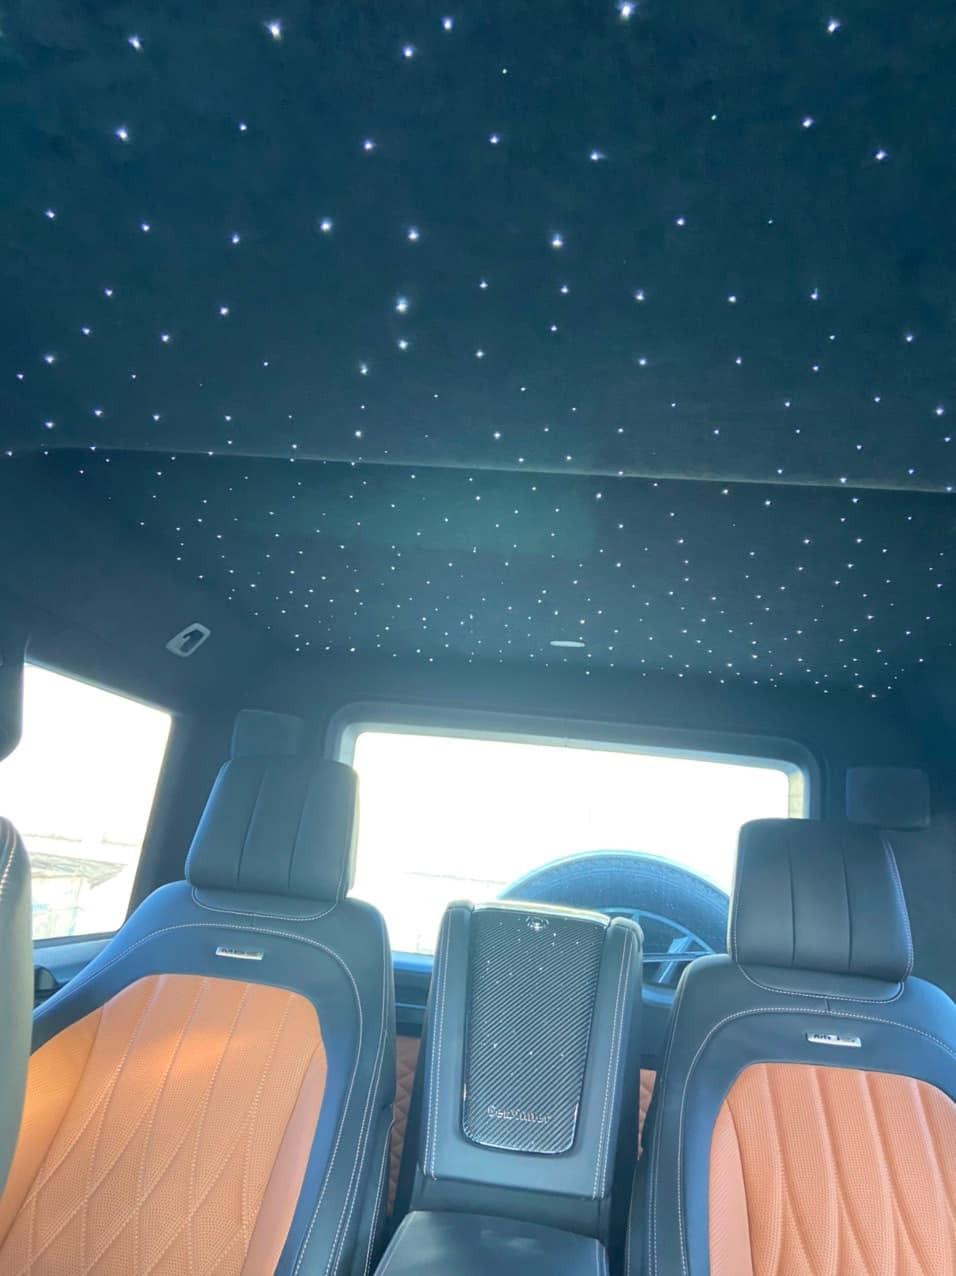 ChiếcMercedes-AMG G63 Gewinner MBS cóthêm bầu trờiđầy sao trên trần xe